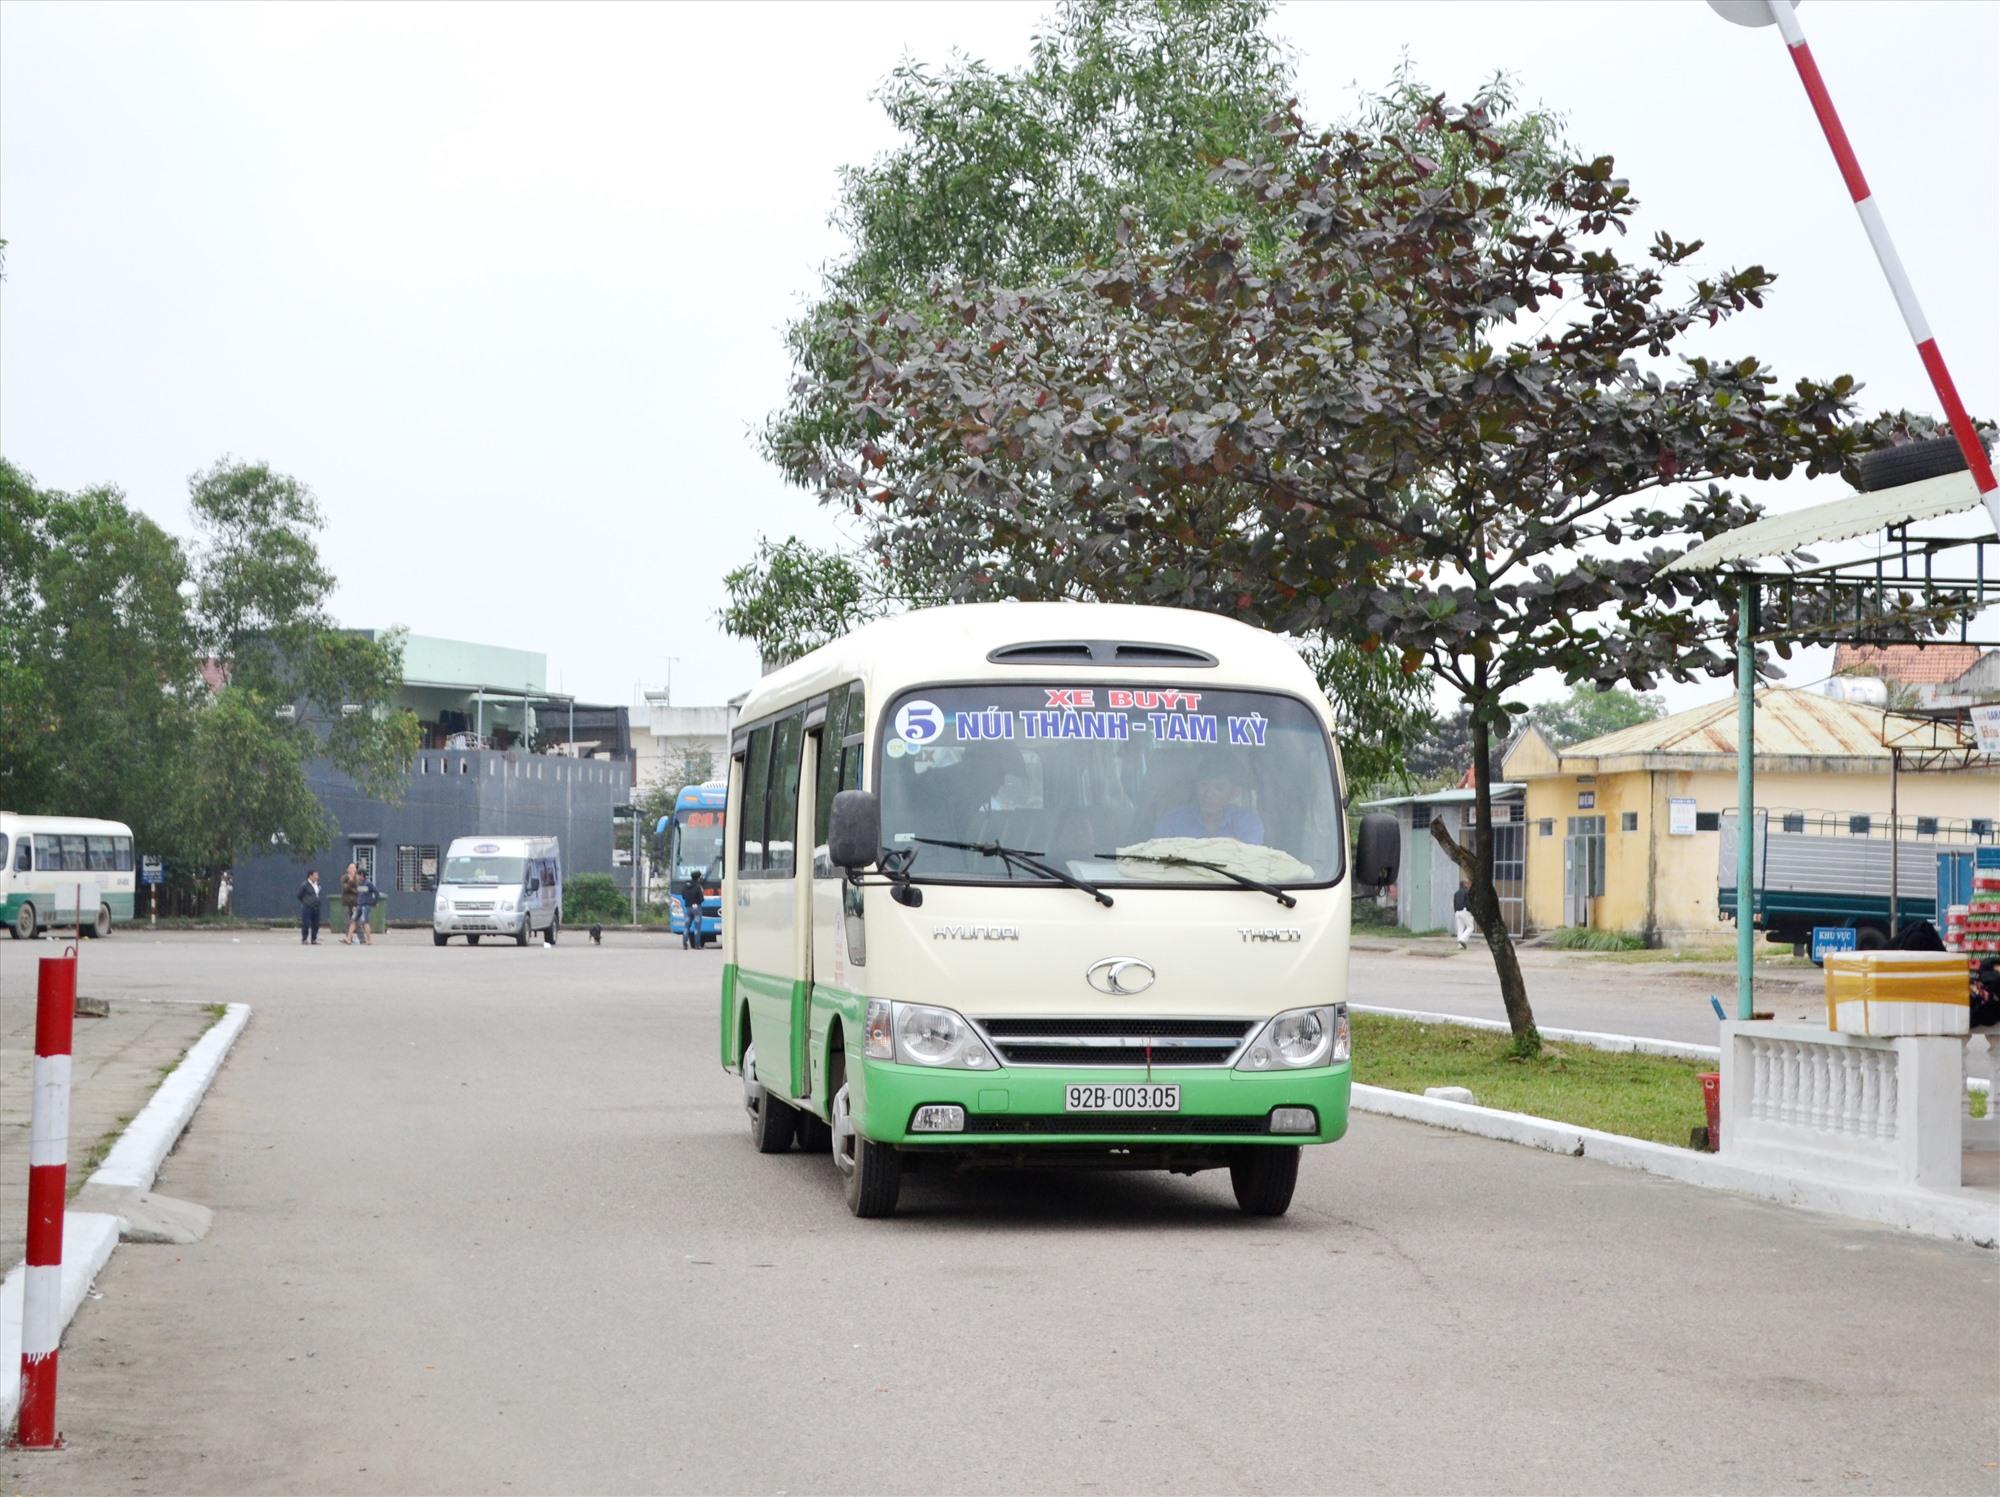 Hợp tác xã được tạo điều kiện tham gia vận tải hành khách công cộng tuyến Tam Kỳ - Núi Thành. Ảnh: C.T